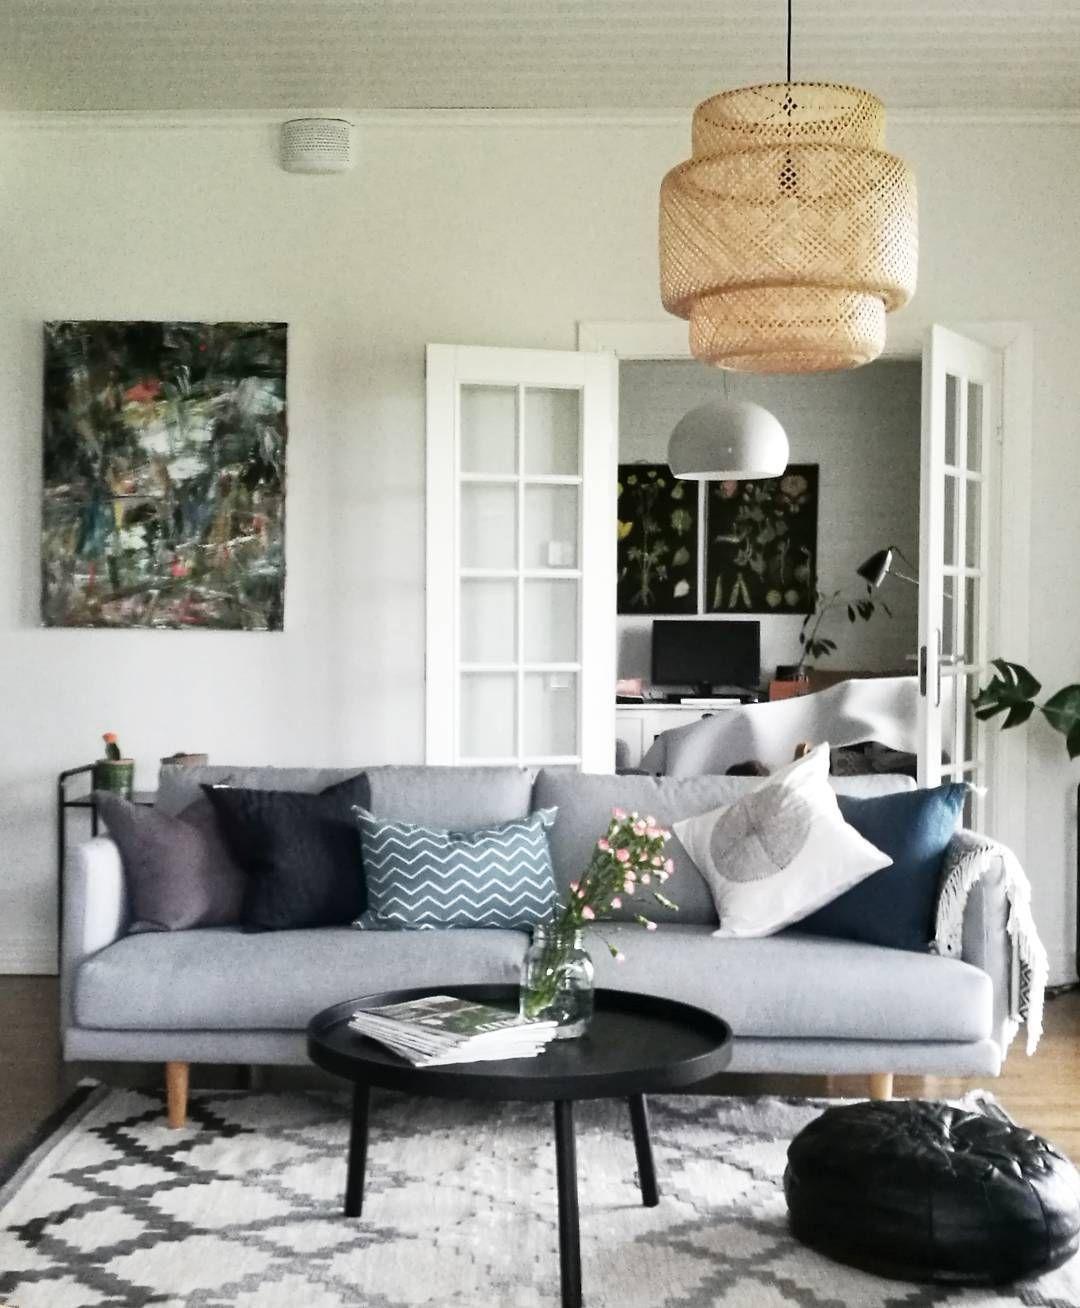 Living Room Lighting In Sri Lanka: Ikea 'Sinnerlig' Pendant Lamp IG:callithomeblog